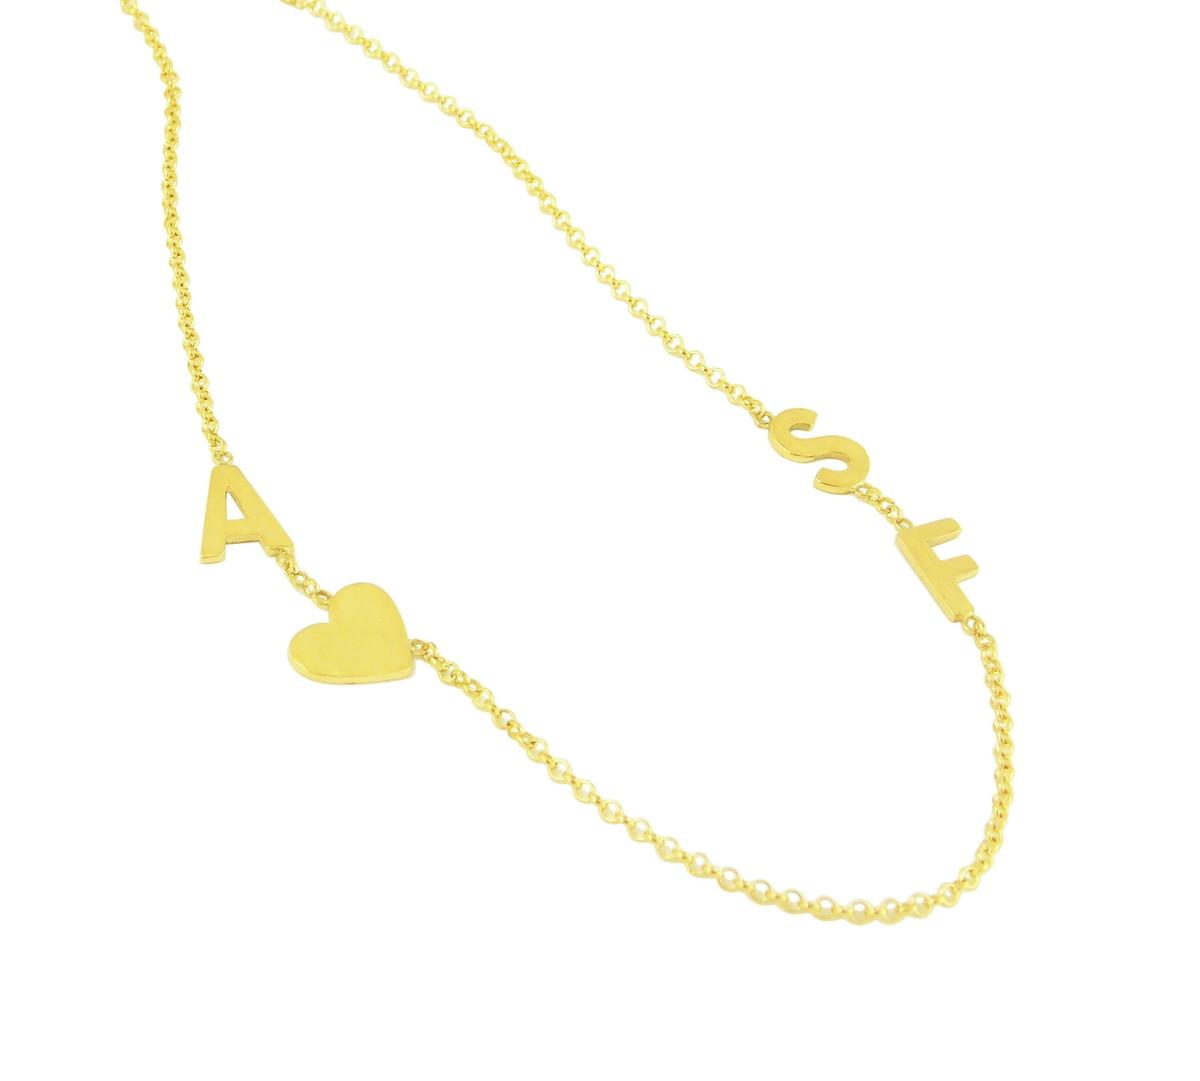 a58496950d0e3 Choker Letras e Coração   Ouro 18k no Elo7   Atelier de Joias ...